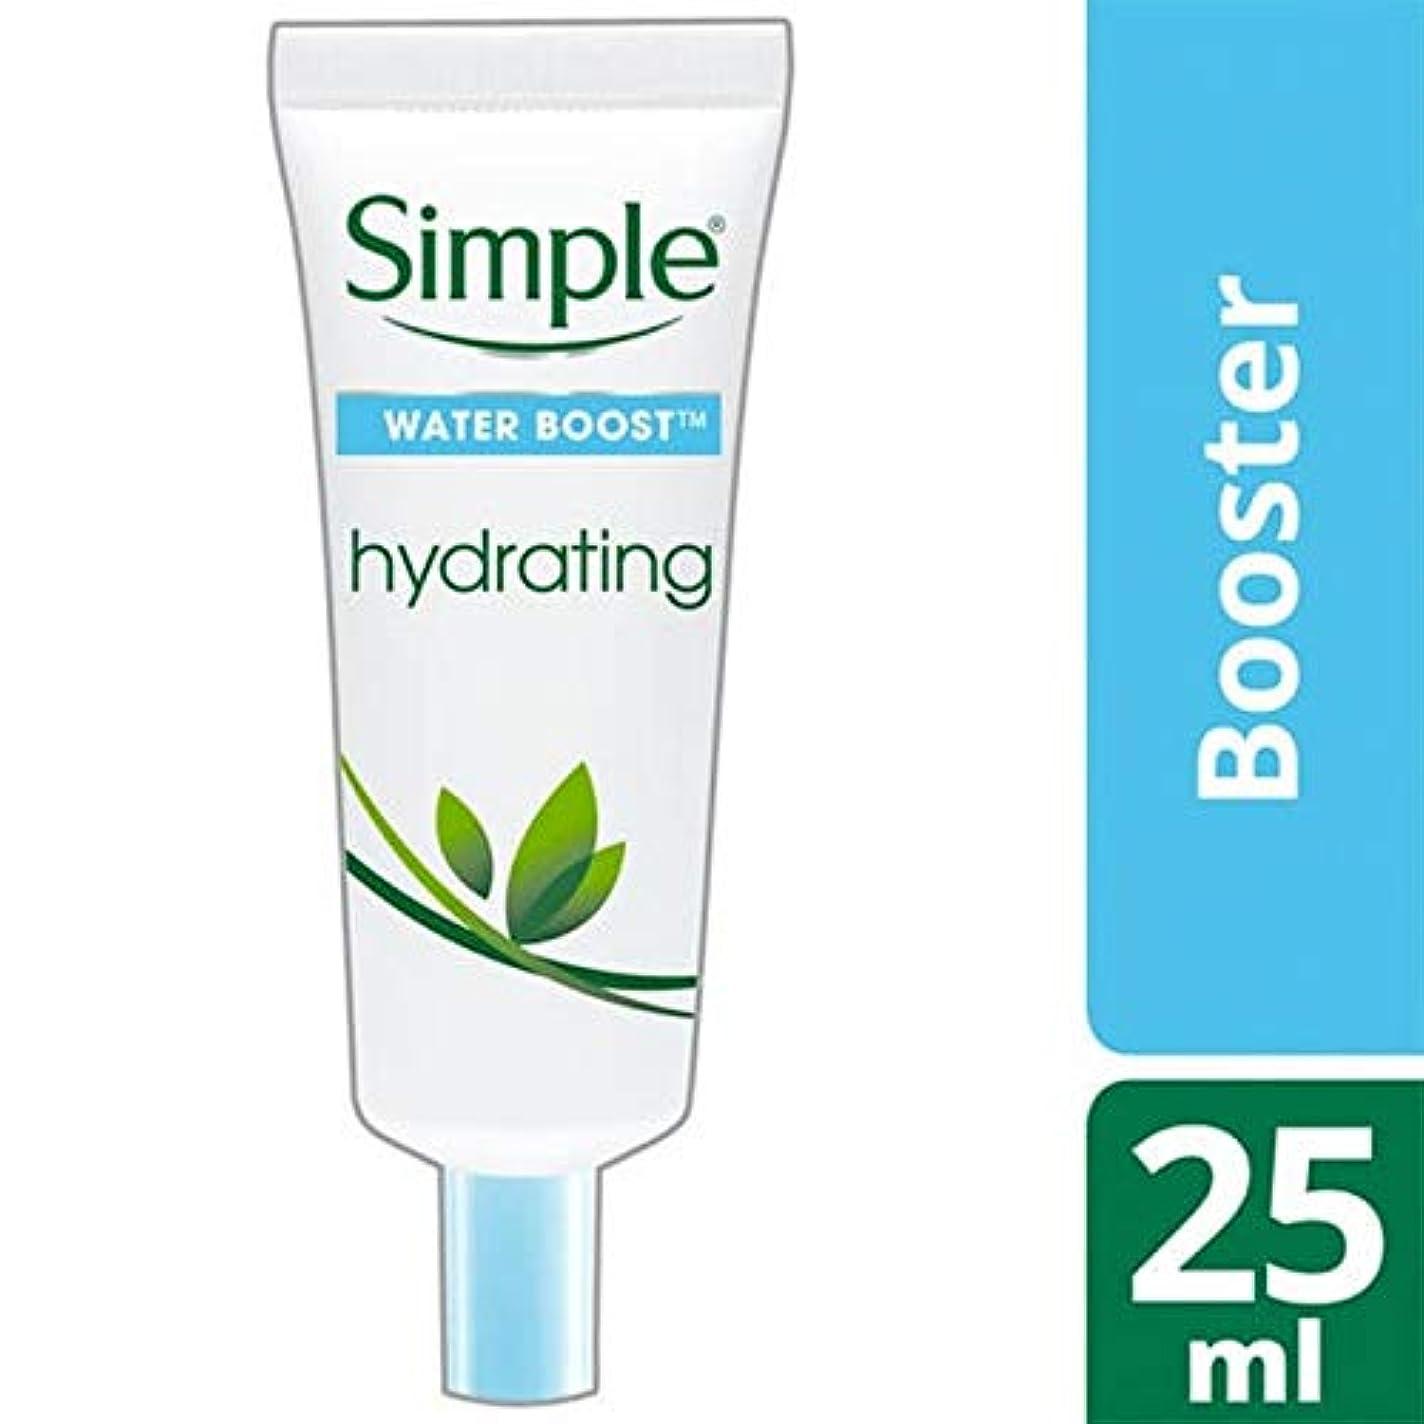 ファウル枝懇願する[Simple ] シンプルな水ブースト水和ブースター25ミリリットル - Simple Water Boost Hydrating Booster 25ml [並行輸入品]